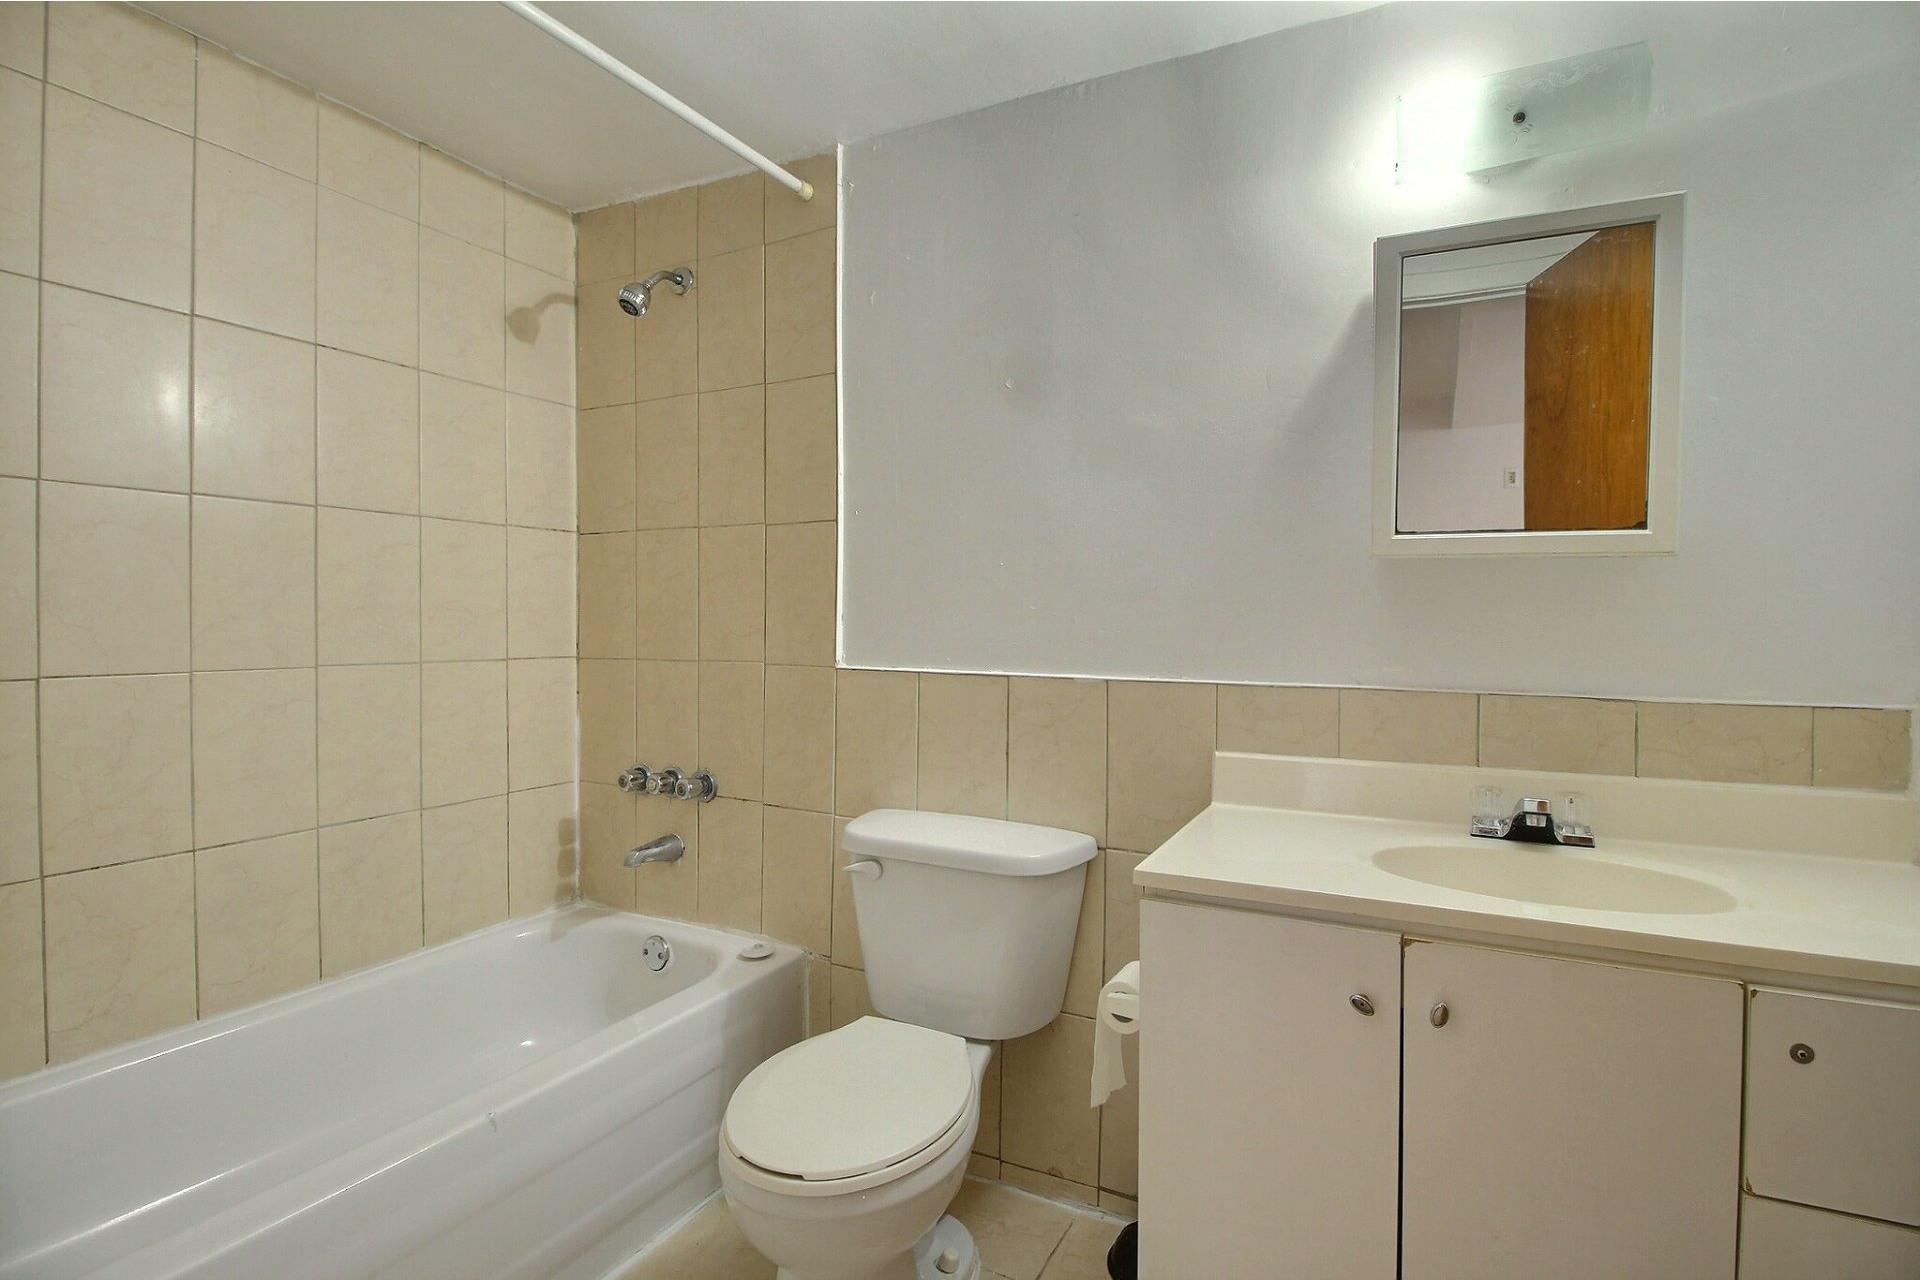 image 5 - Apartment For rent Saint-Léonard Montréal  - 4 rooms